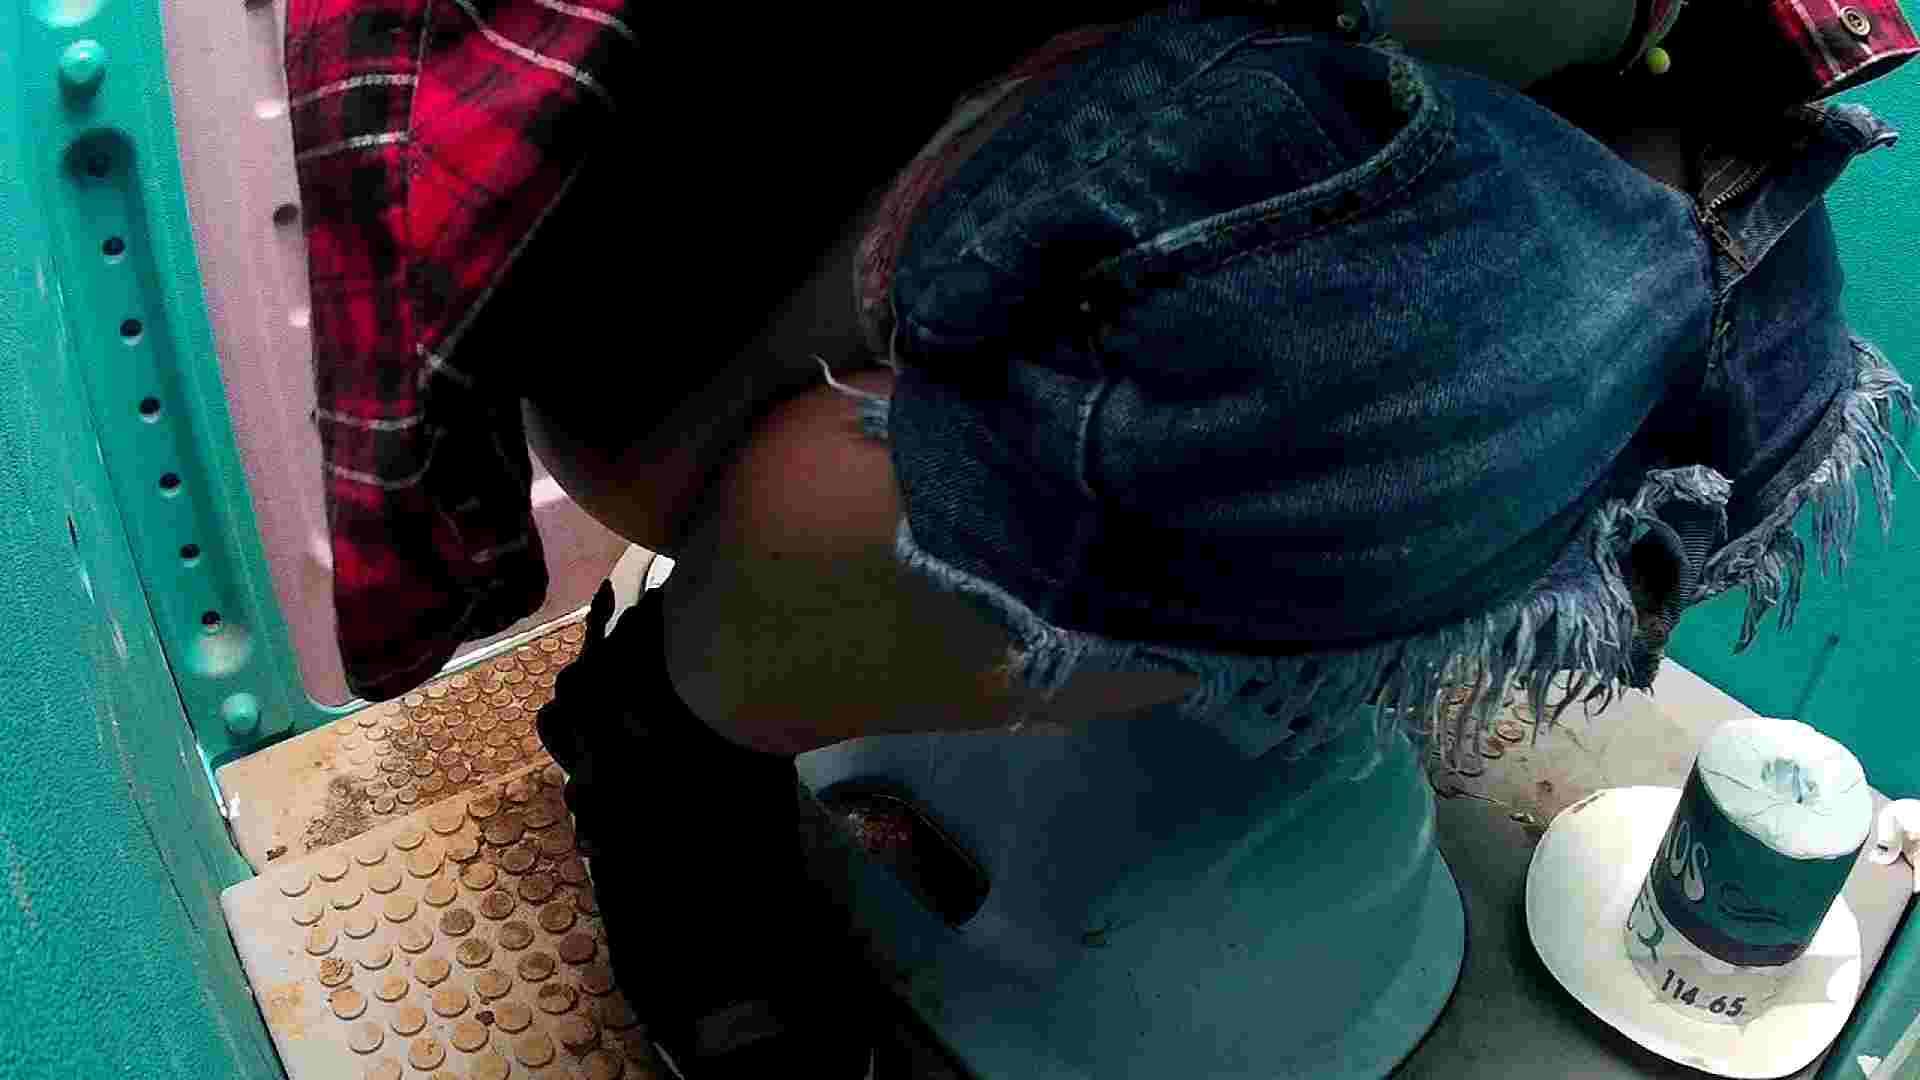 痴態洗面所 Vol.06 中が「マジヤバいヨネ!」洗面所 お姉さん攻略 オマンコ動画キャプチャ 84画像 37